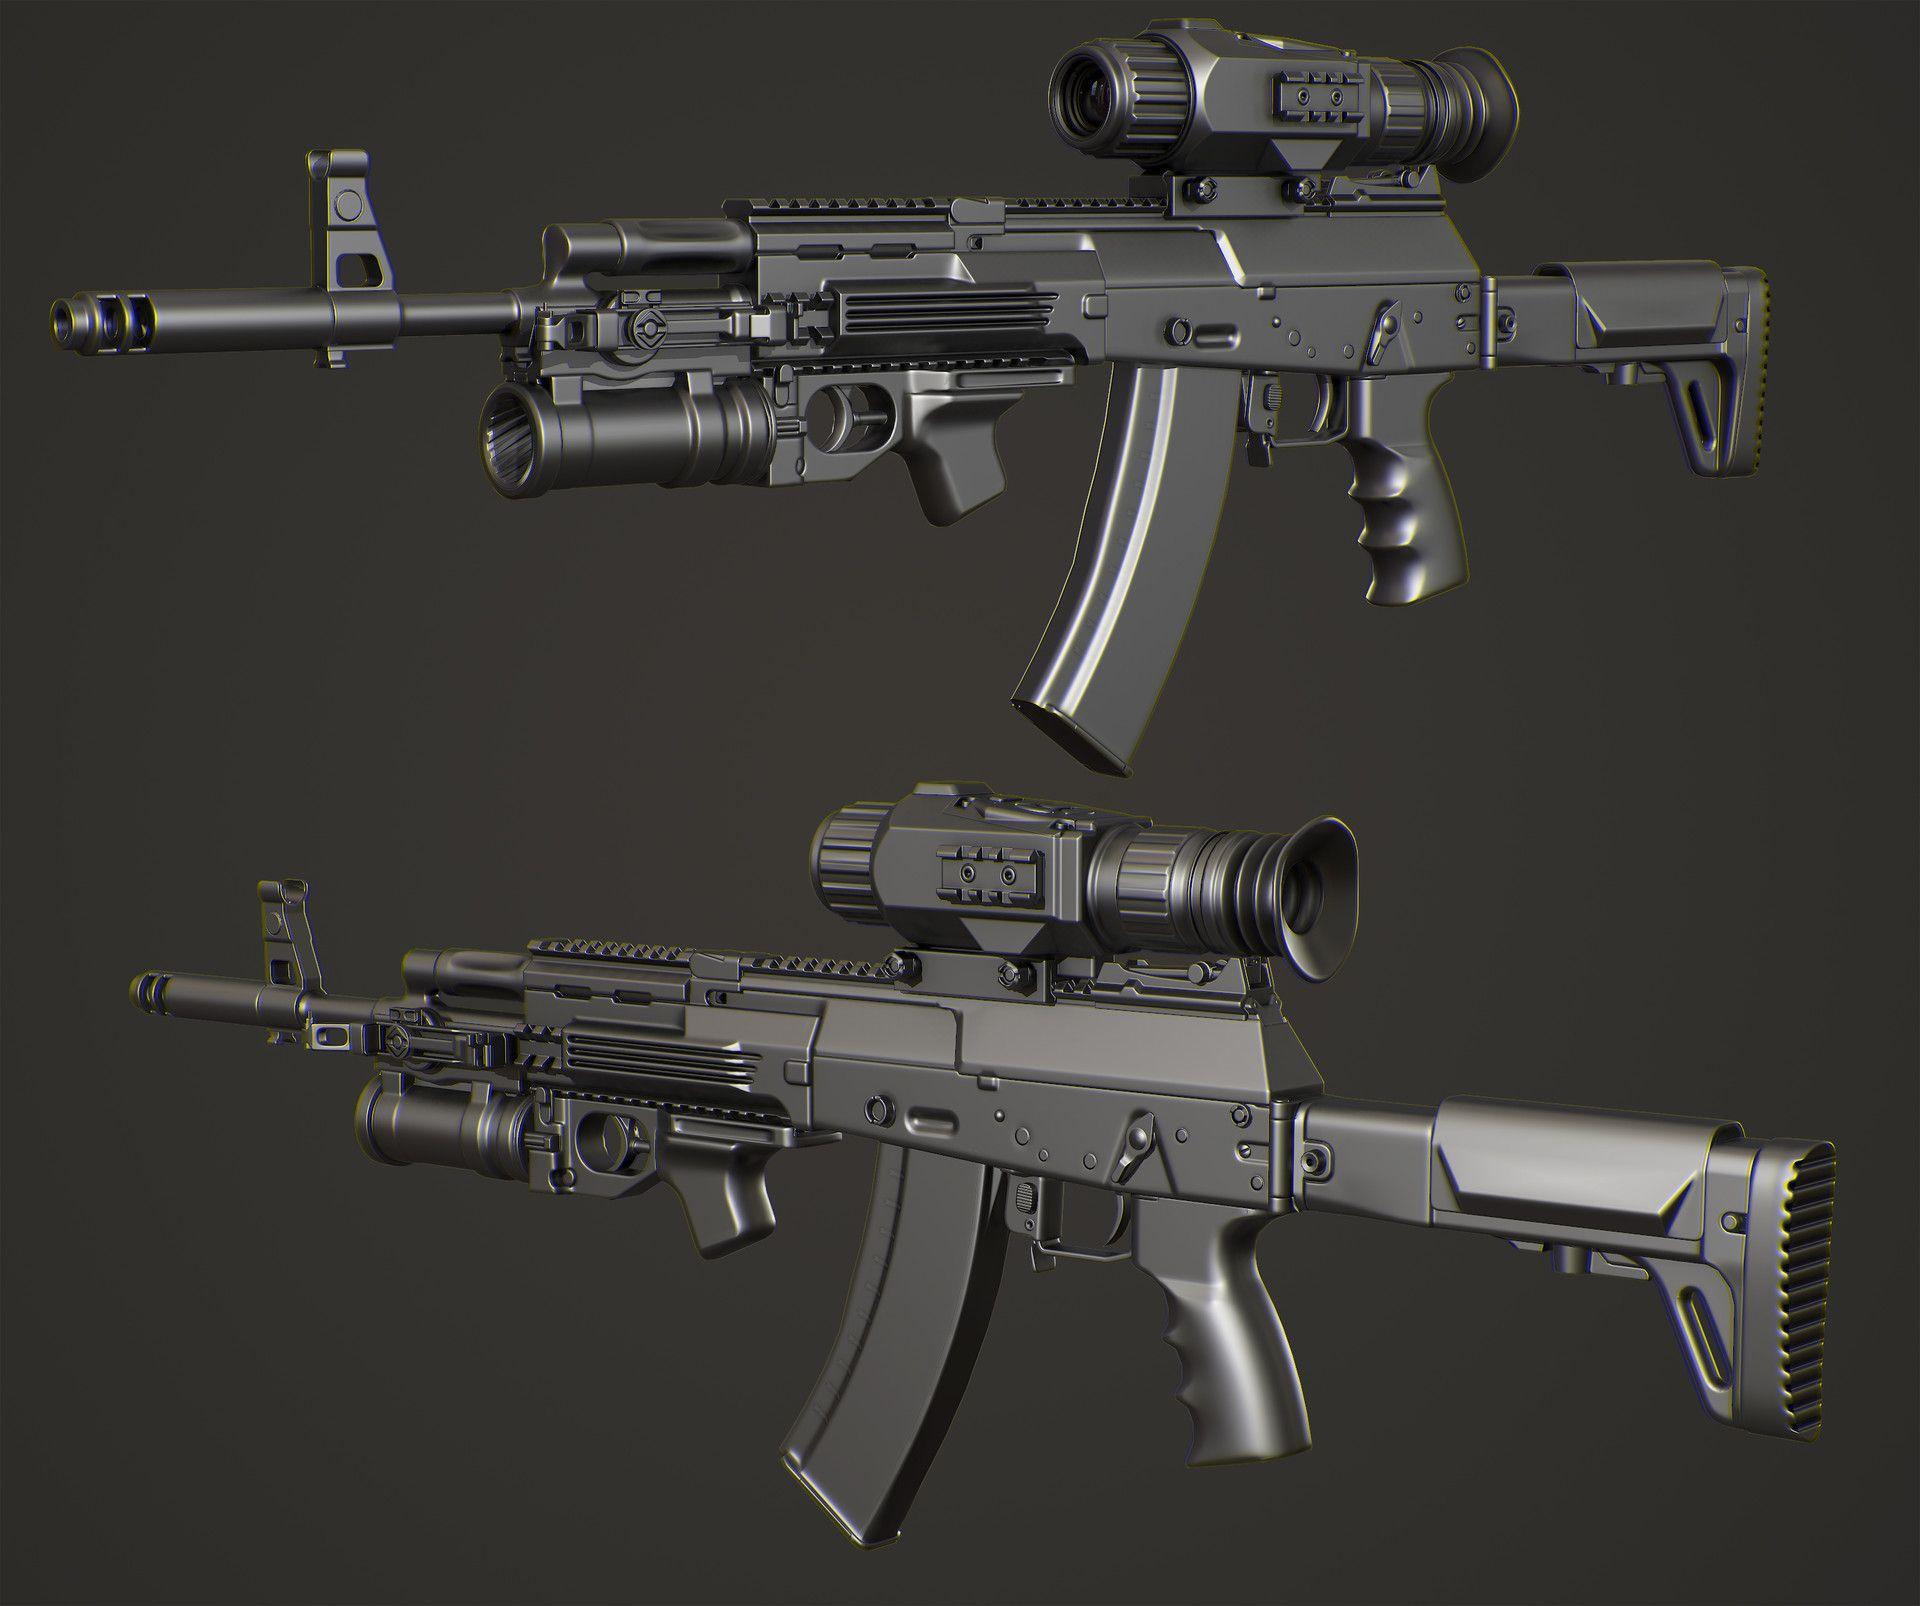 ArtStation - AK12 with ATN Digital Scope, Fridock 3D   ASR